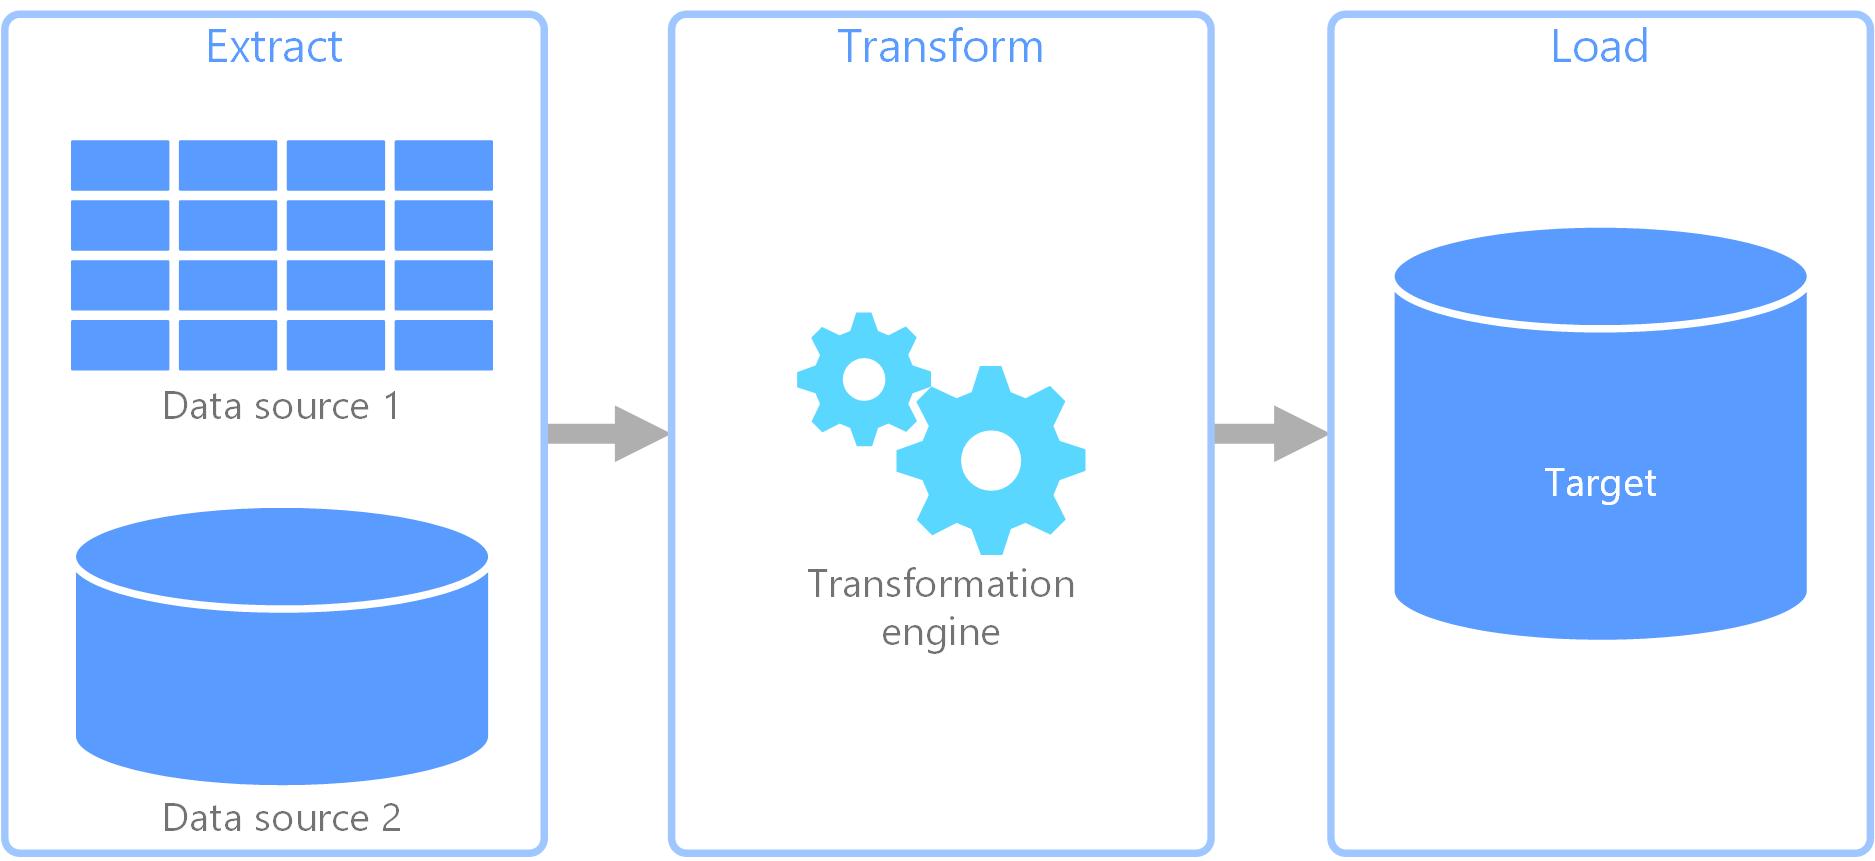 抽出、変換、読み込み (ETL) プロセス